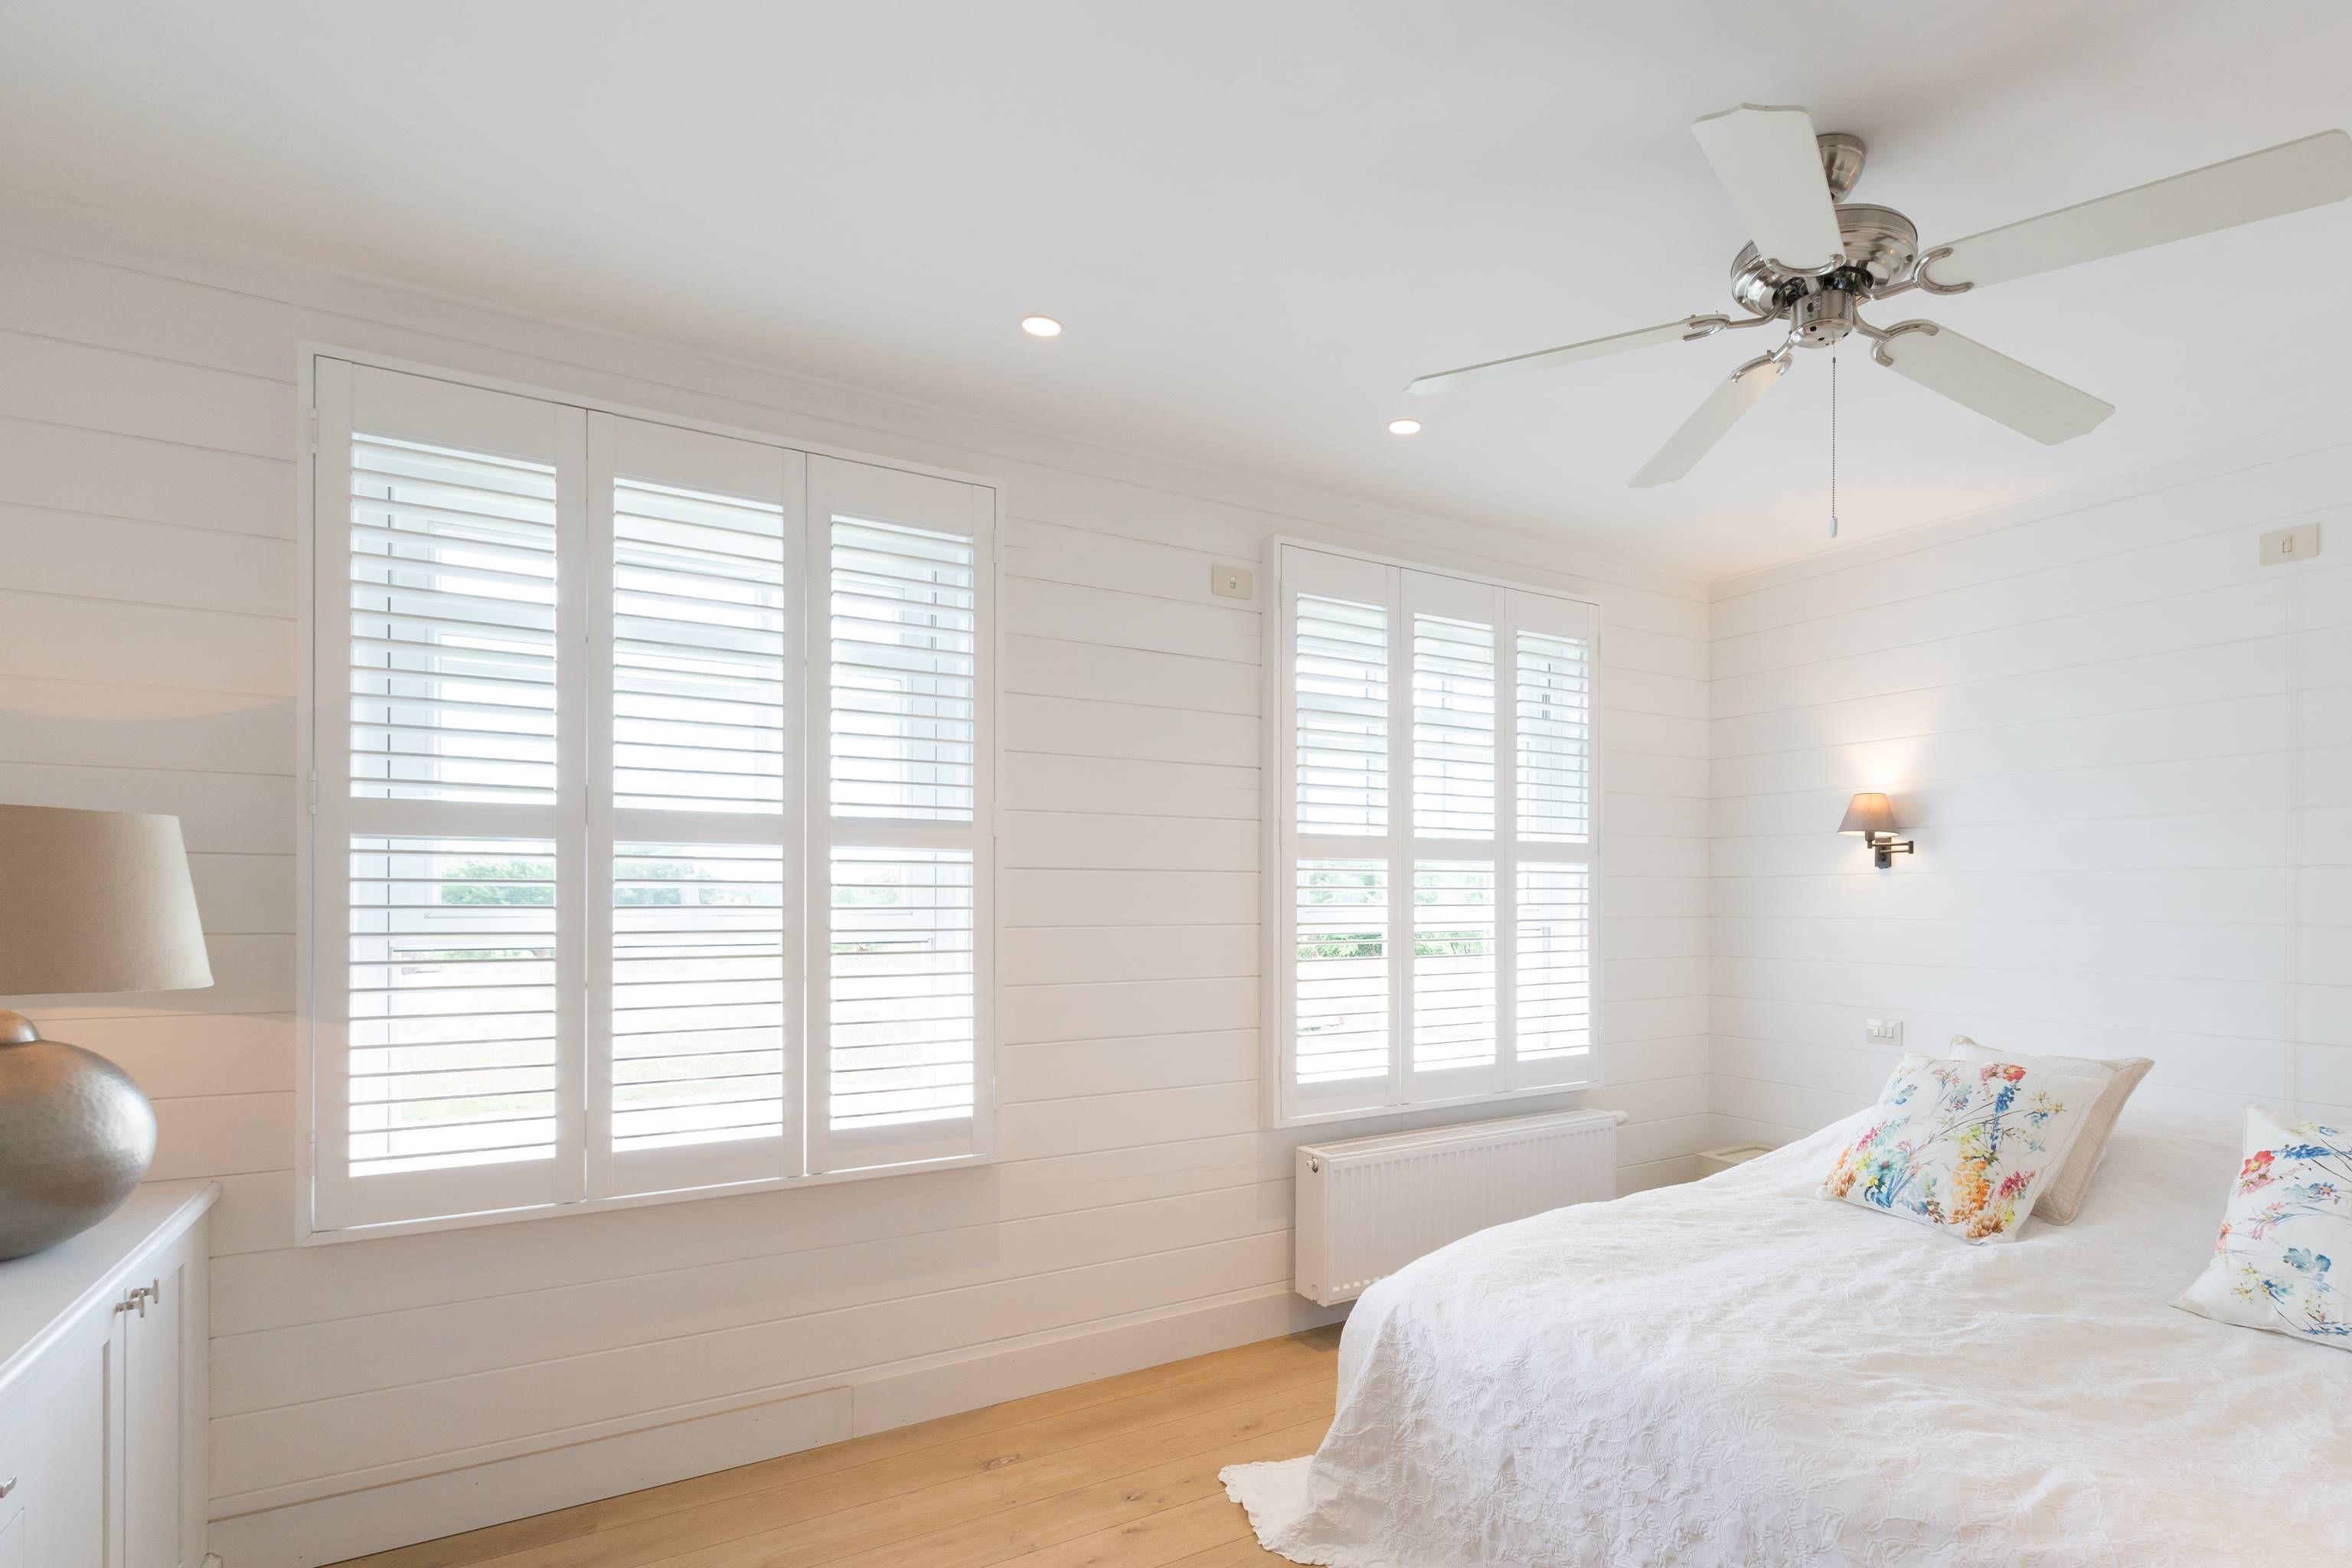 Houten Accessoires Slaapkamer : Witte shutters passen perfect bij deze slaapkamer bestaande uit